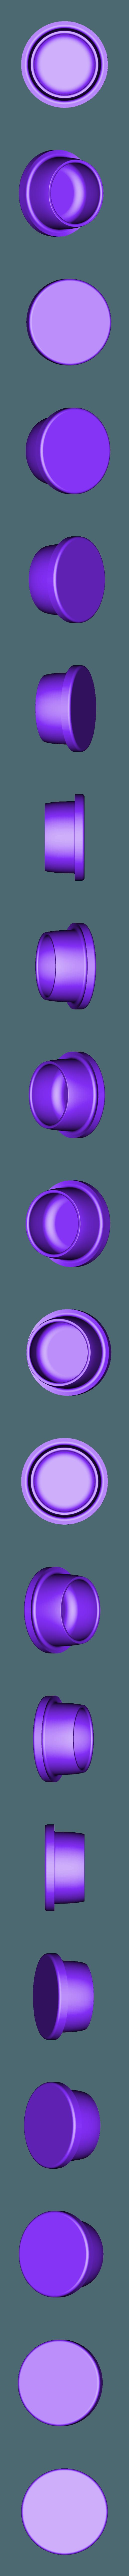 Short_Butter_Dish_v1-5_TOP.STL Télécharger fichier STL gratuit Assiette à beurre française • Objet pour imprimante 3D, WalterHsiao